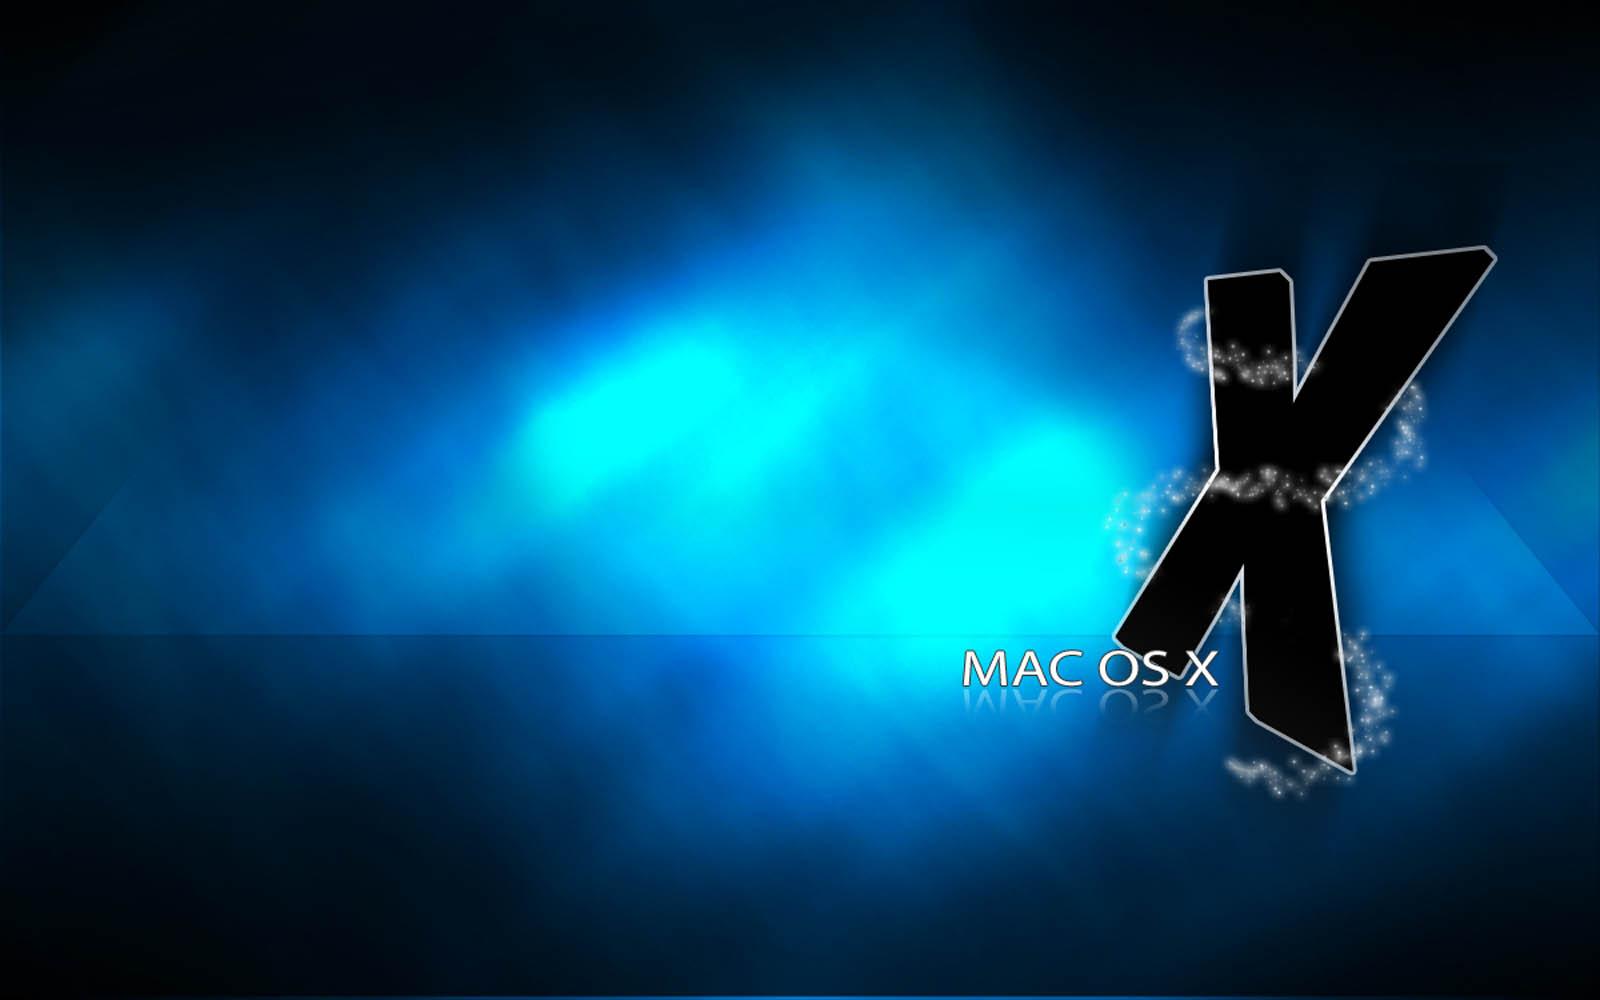 http://4.bp.blogspot.com/-DeRux2oOsXA/UEW8EkNz_AI/AAAAAAAAJLE/XbgOs4uQmVE/s1600/Mac+OS+X+Wallpapers+1.jpg